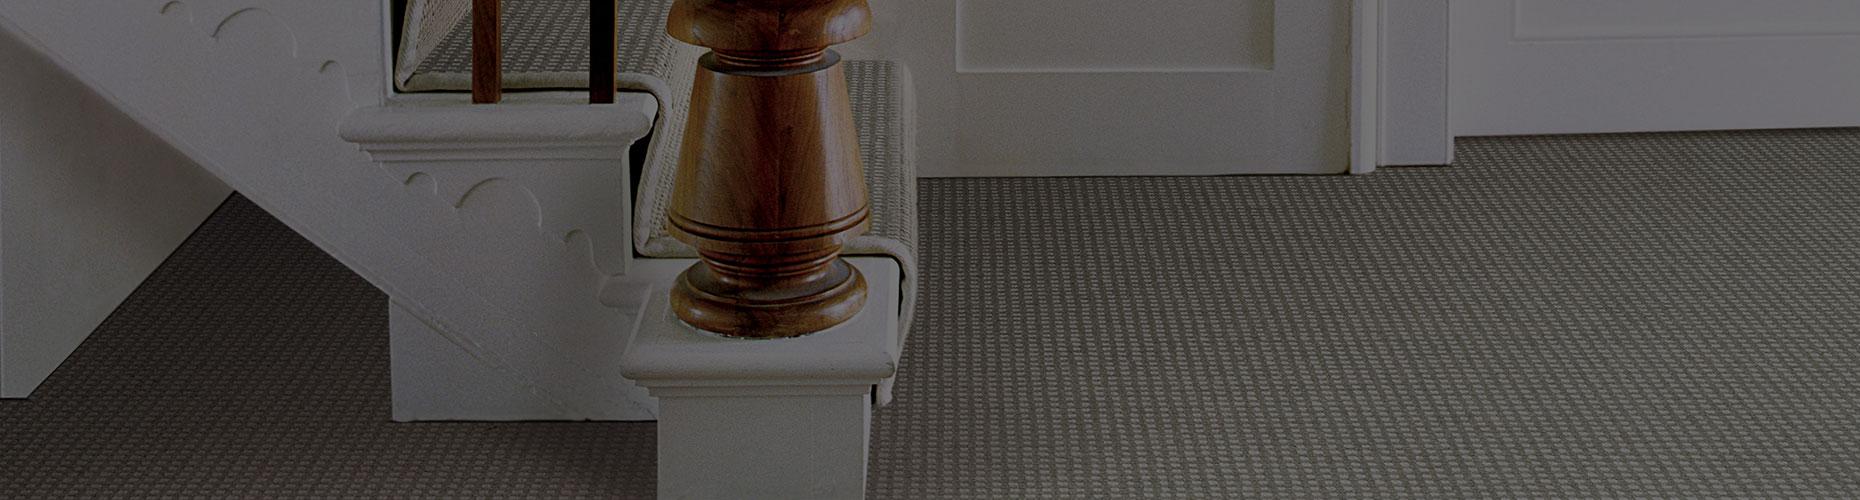 Benefits of Wool Carpet